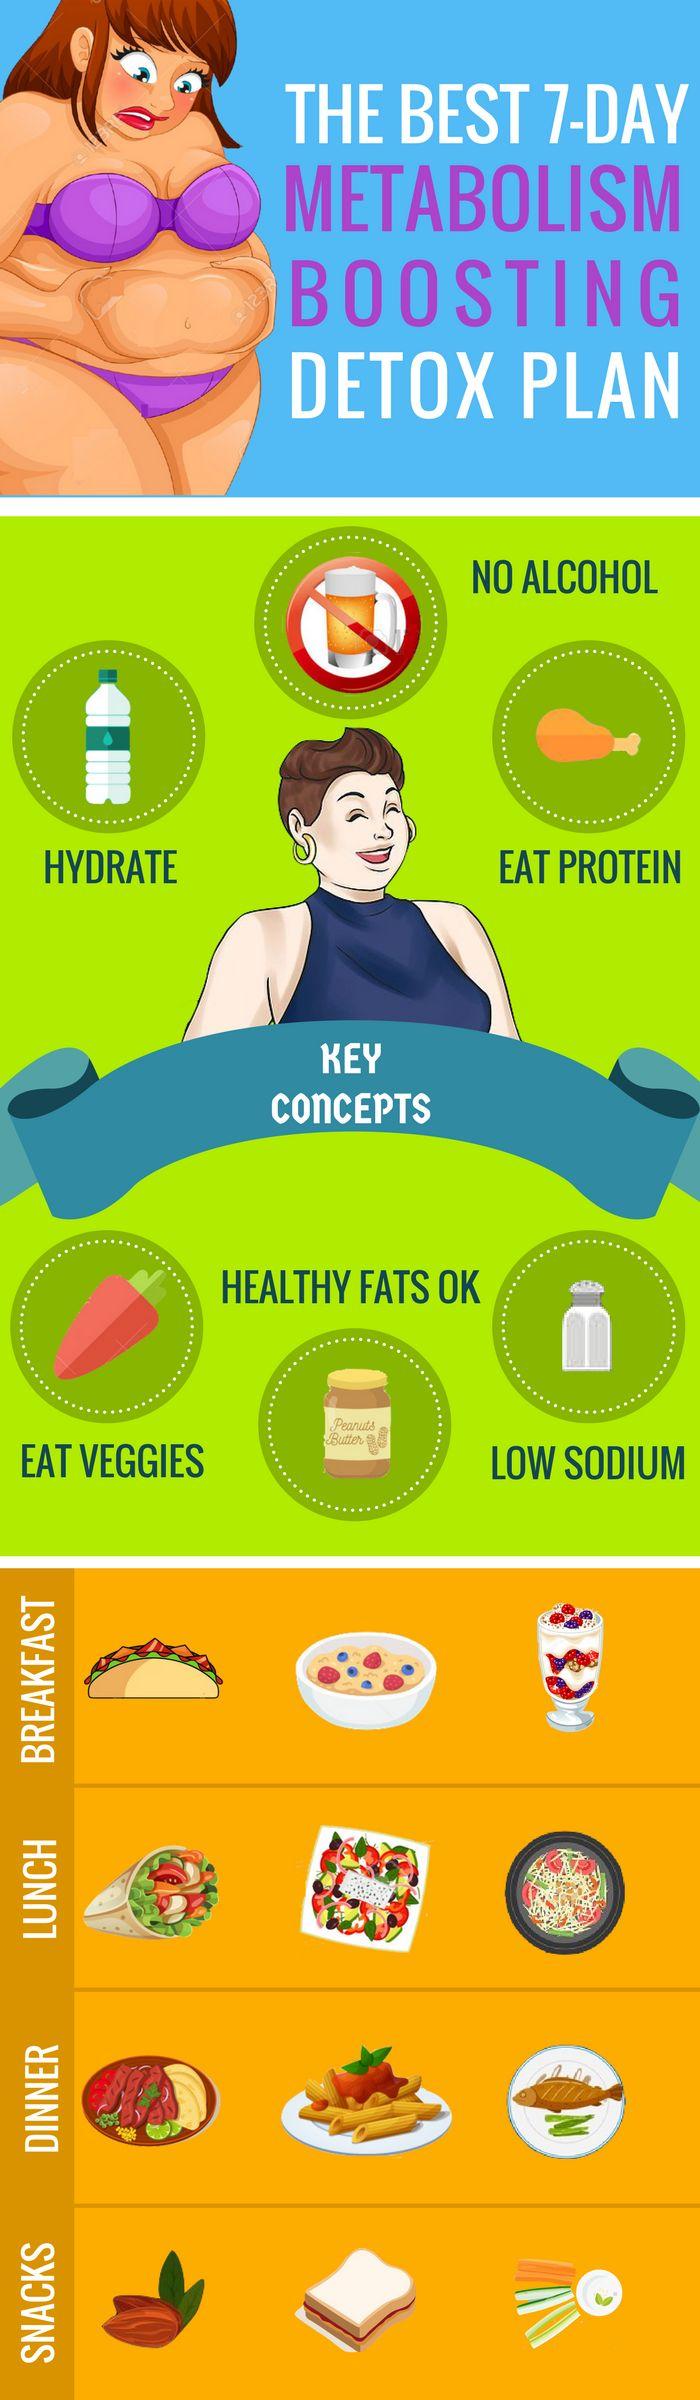 Detox 7 day food plan